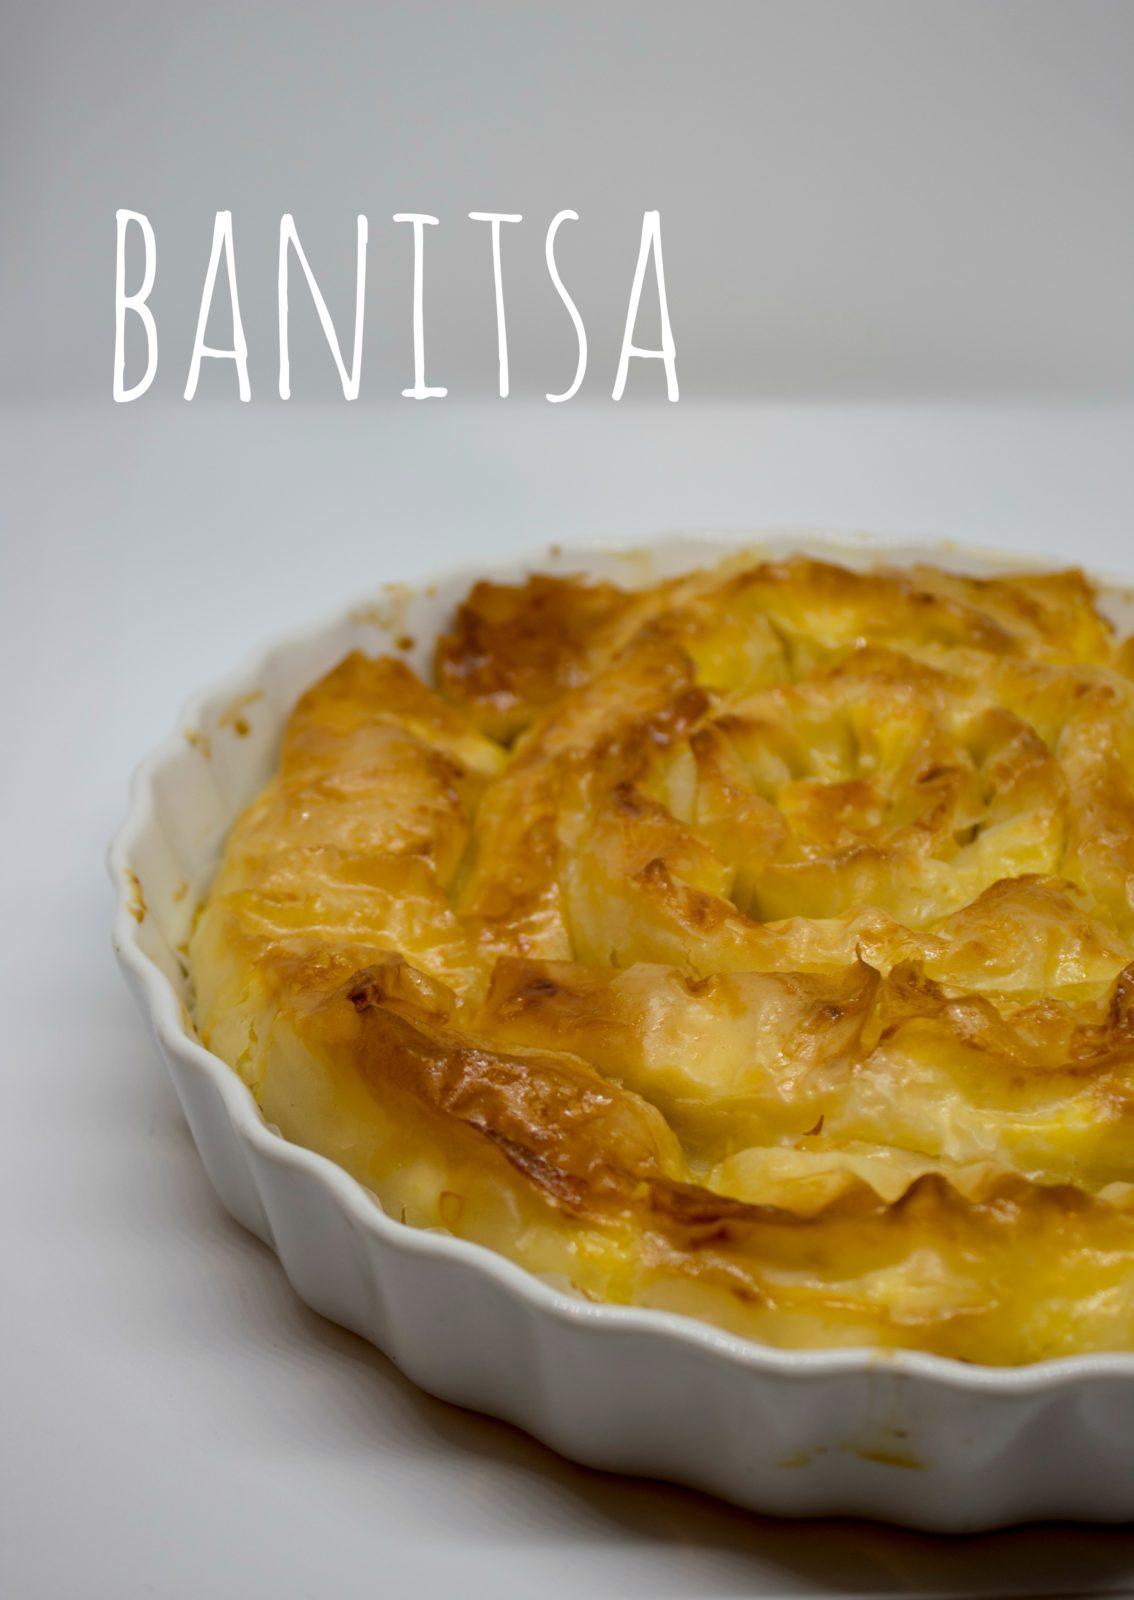 banitsa6